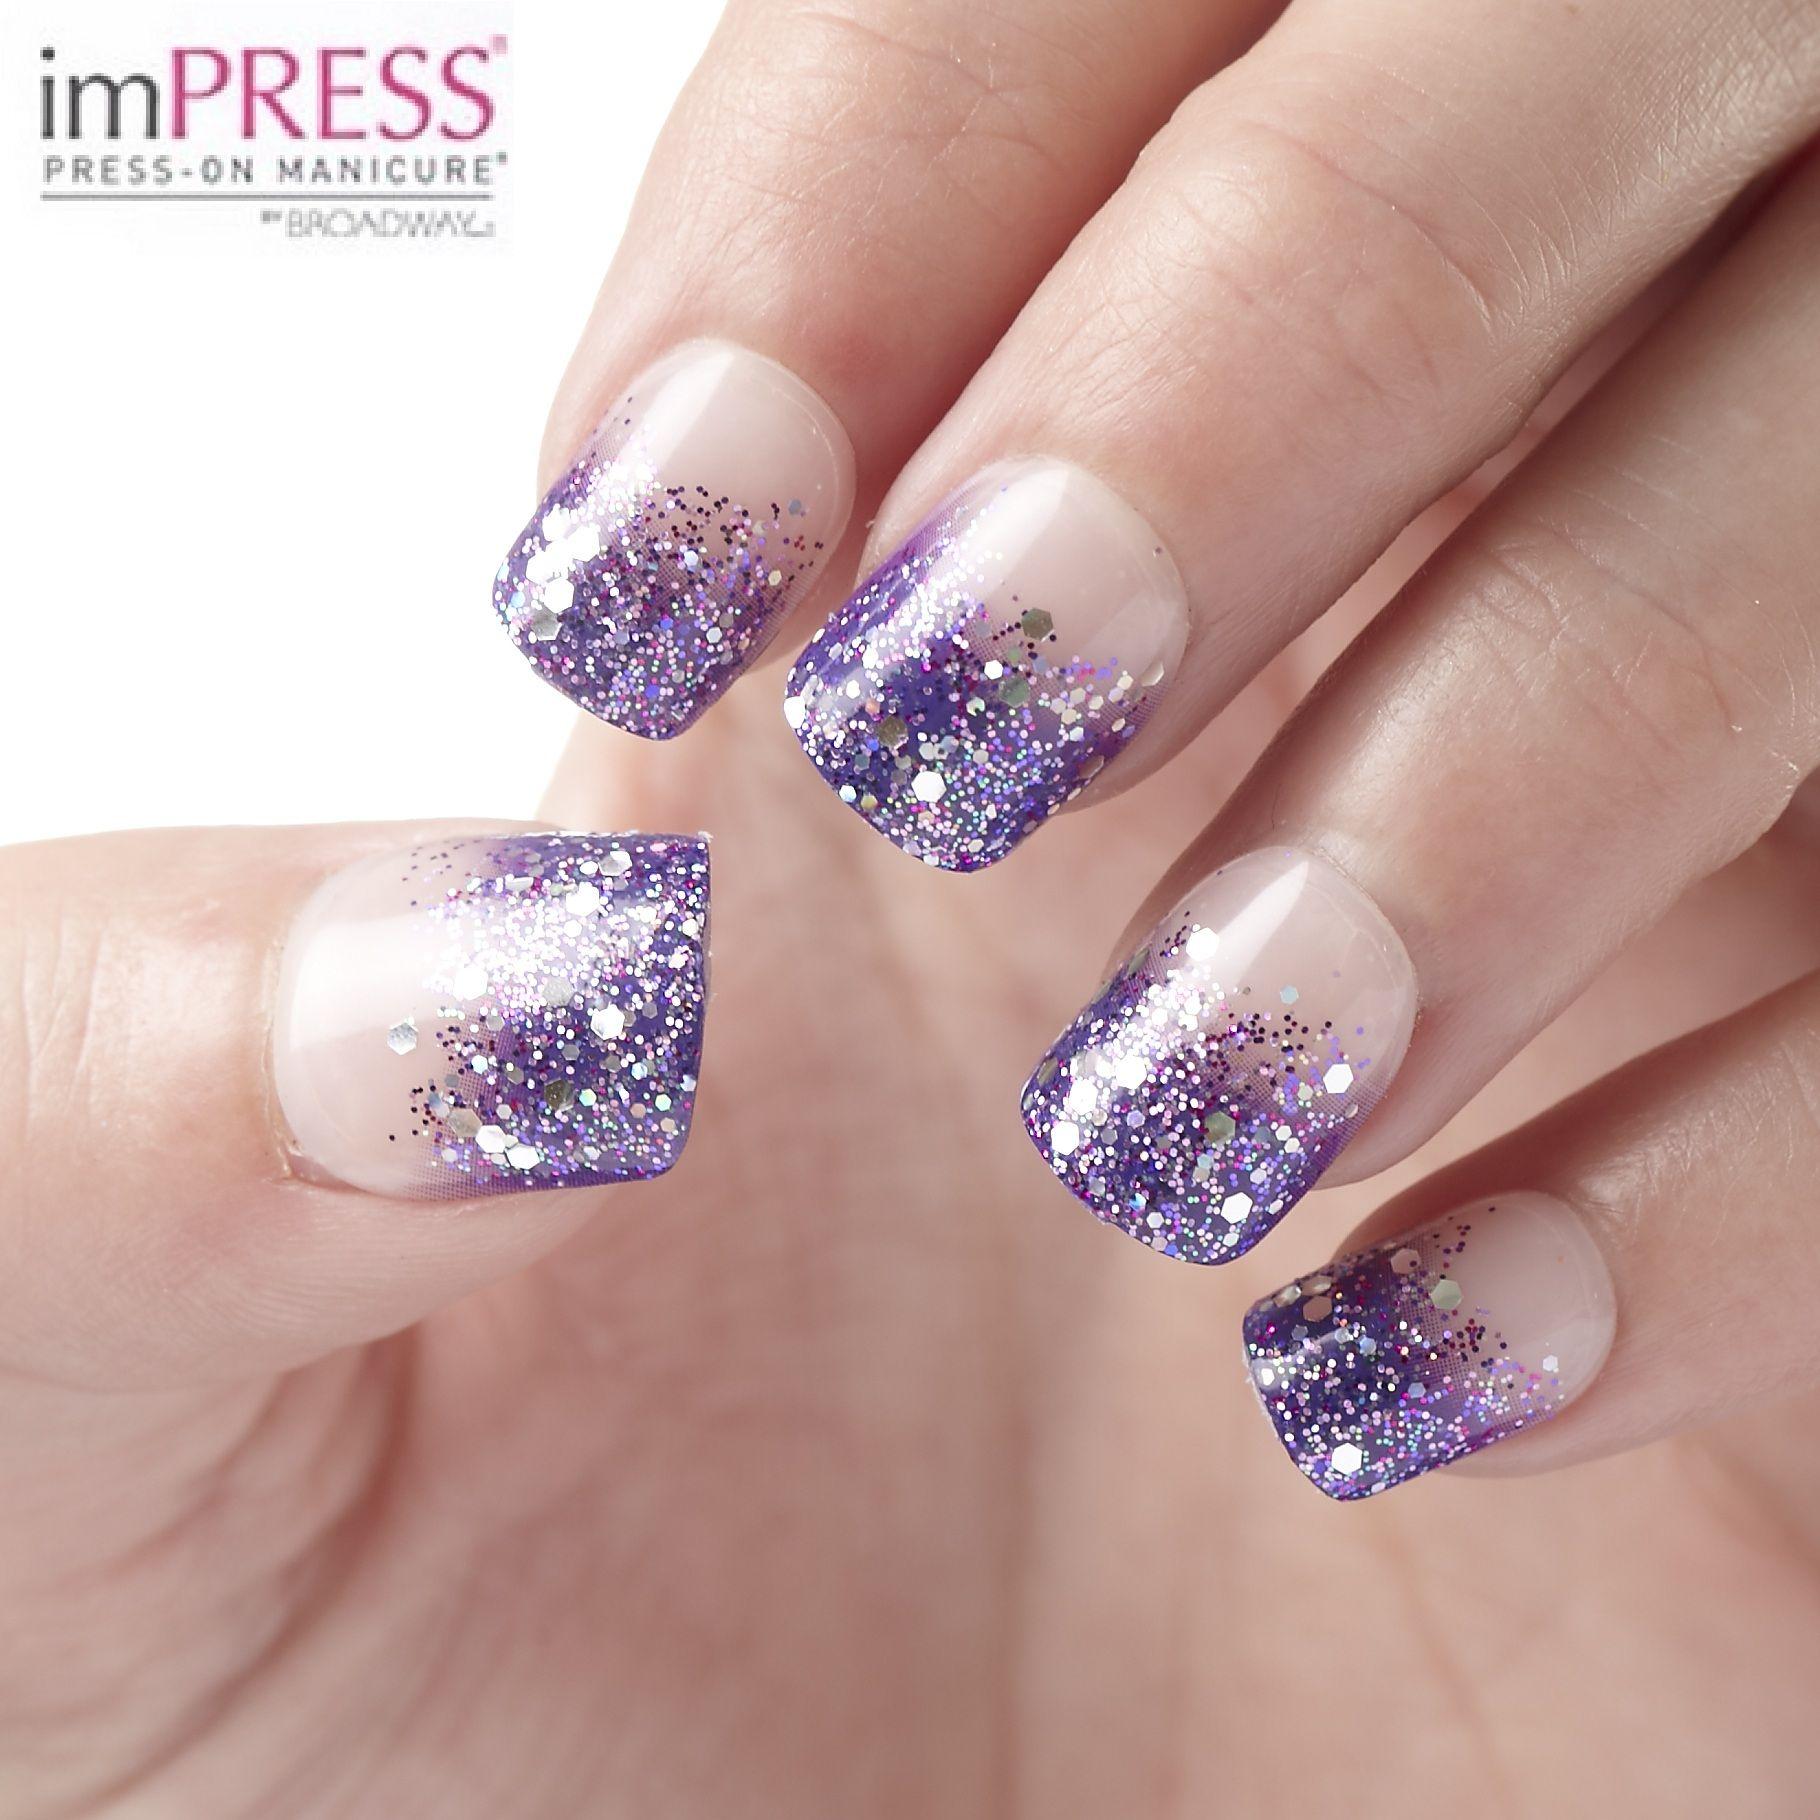 Impress press on manicure nails my style pinterest - Try Impress Press On Manicure Lighten Up